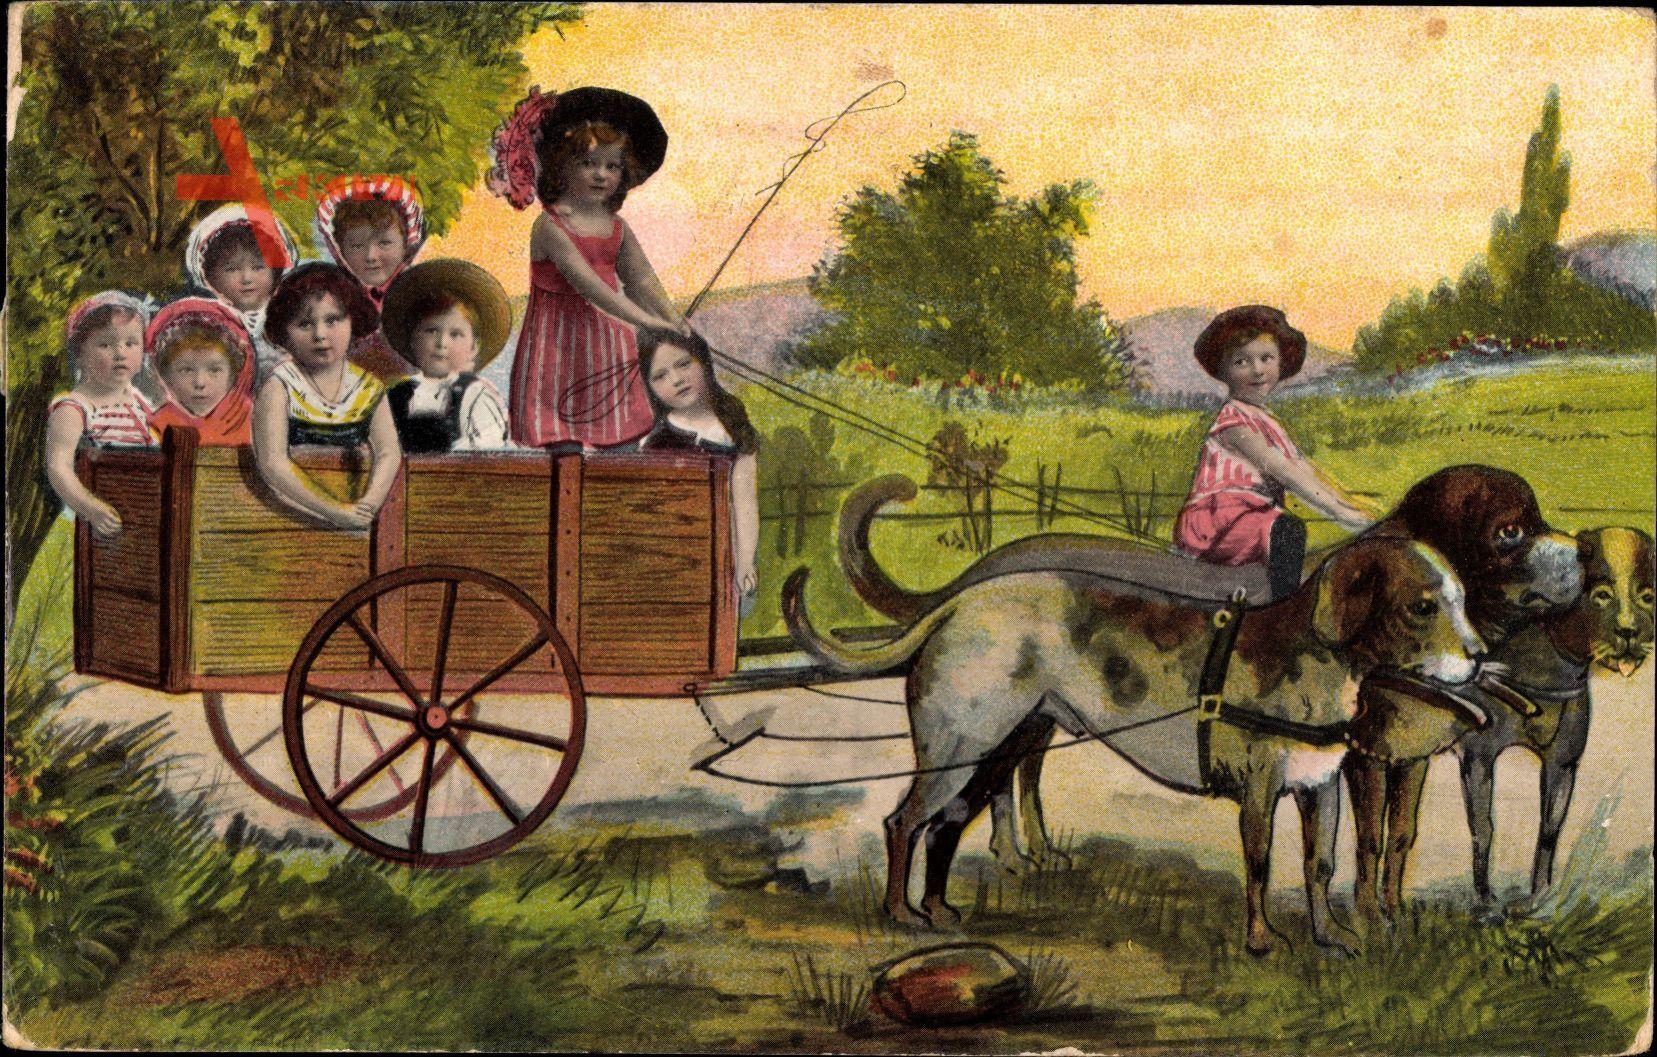 Kinder in einer Hundekutsche, Fotomontage, Mädchen mit Hut und Peitsche